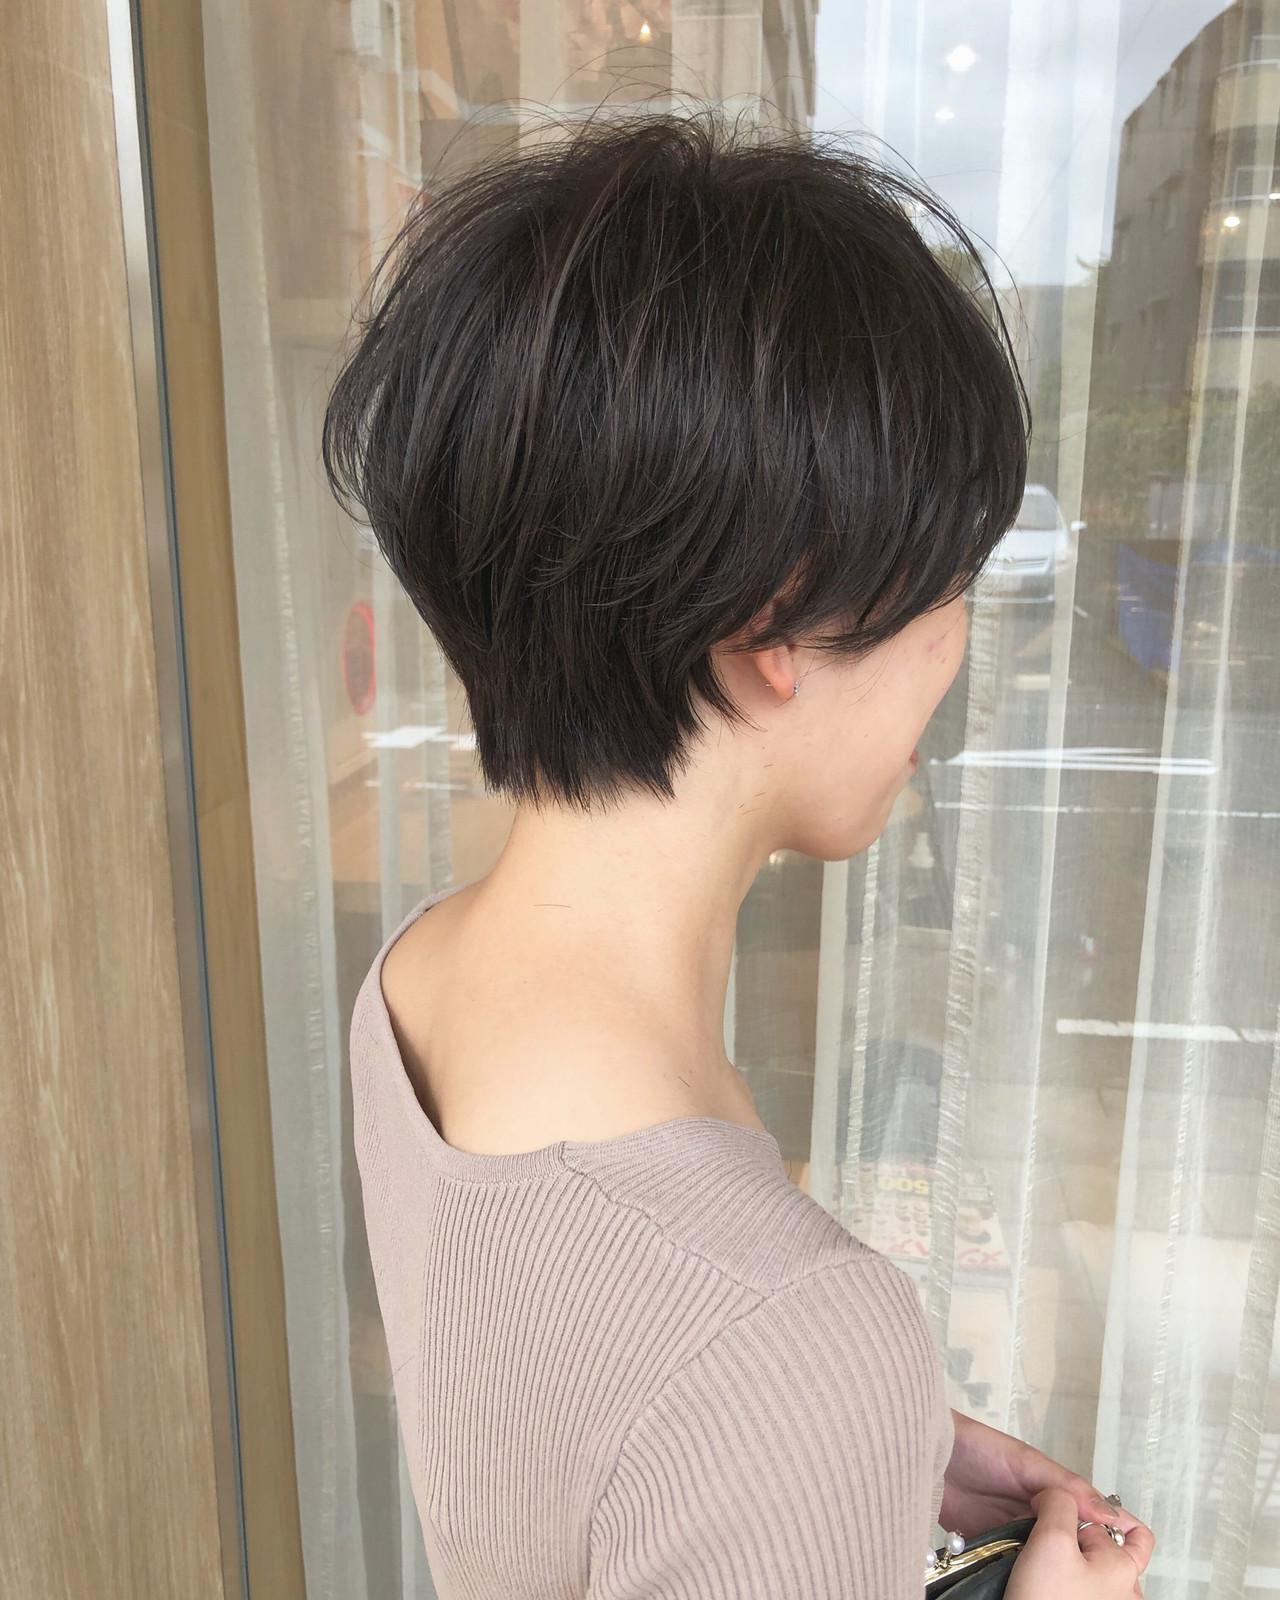 ナチュラル マッシュショート ショートボブ ショートヘア ヘアスタイルや髪型の写真・画像